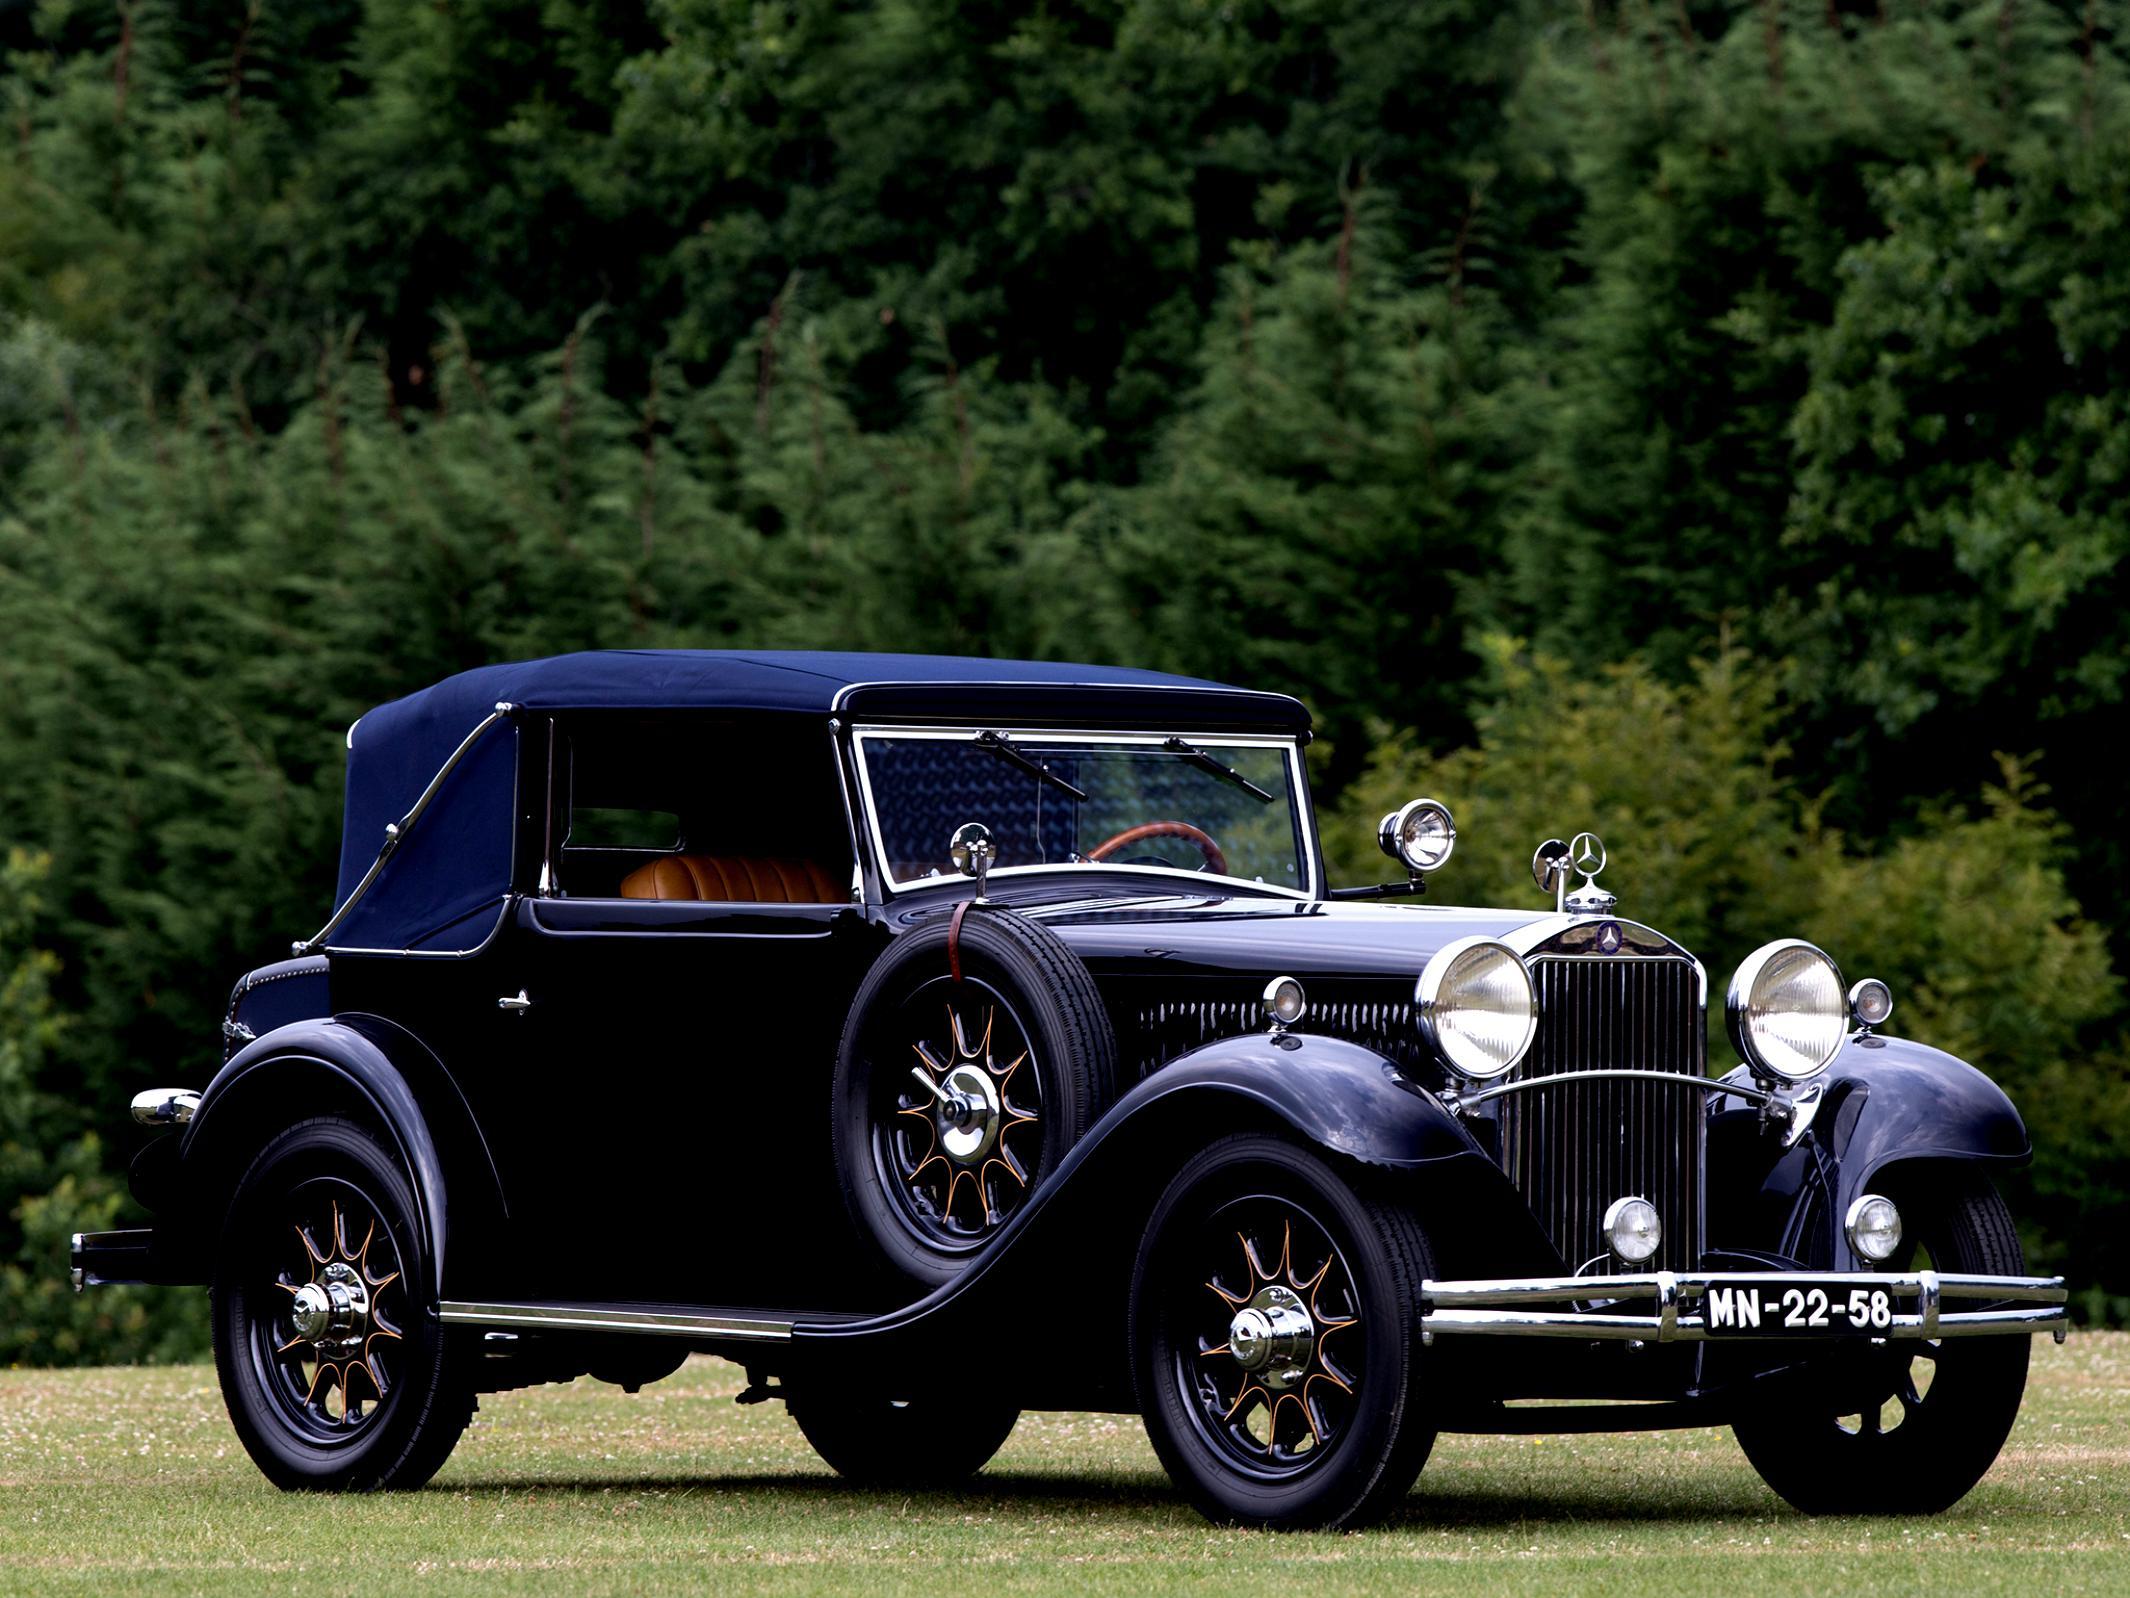 mercedes benz grosser mercedes cabriolet f w07 1931 on. Black Bedroom Furniture Sets. Home Design Ideas